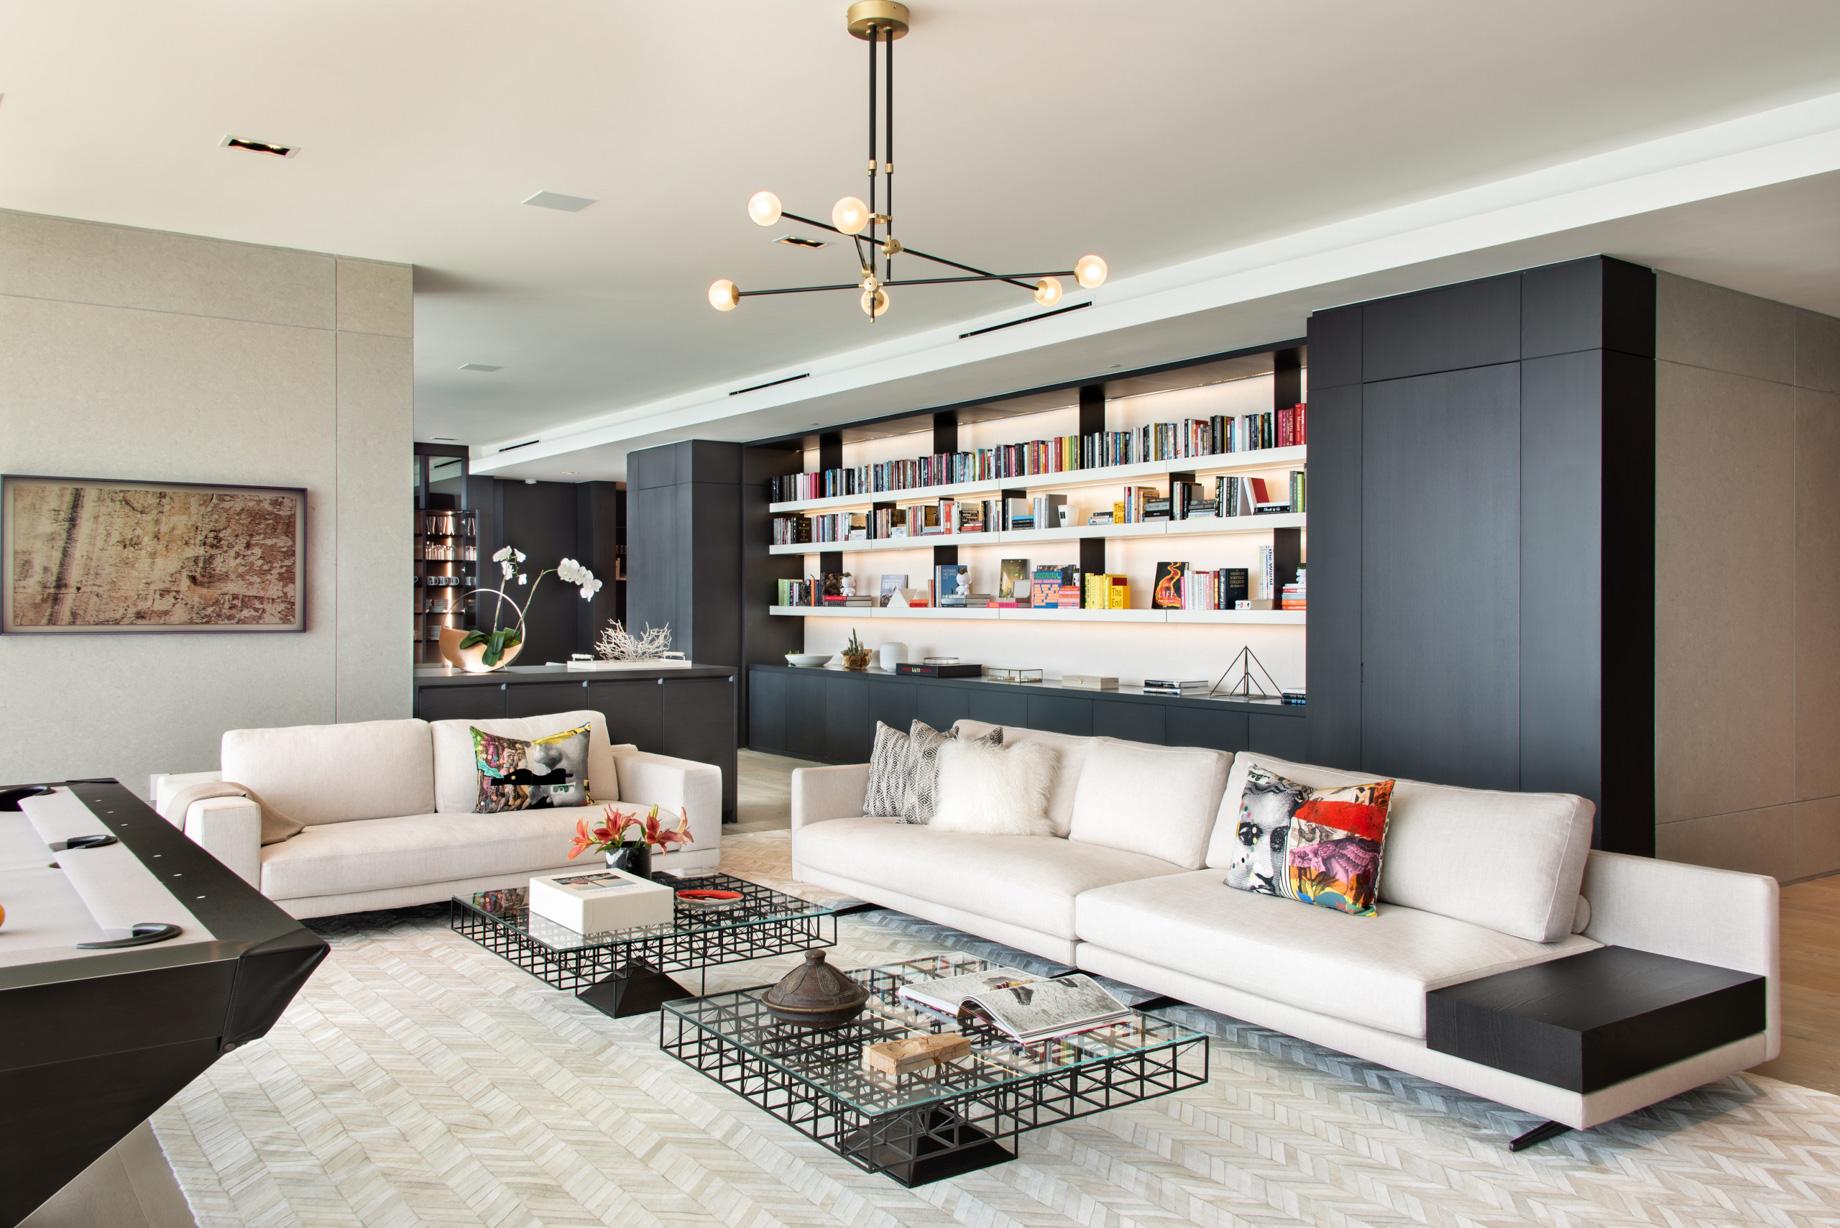 Echo Brickell Apartment Interior Design Miami, FL, USA – Blanca Wall